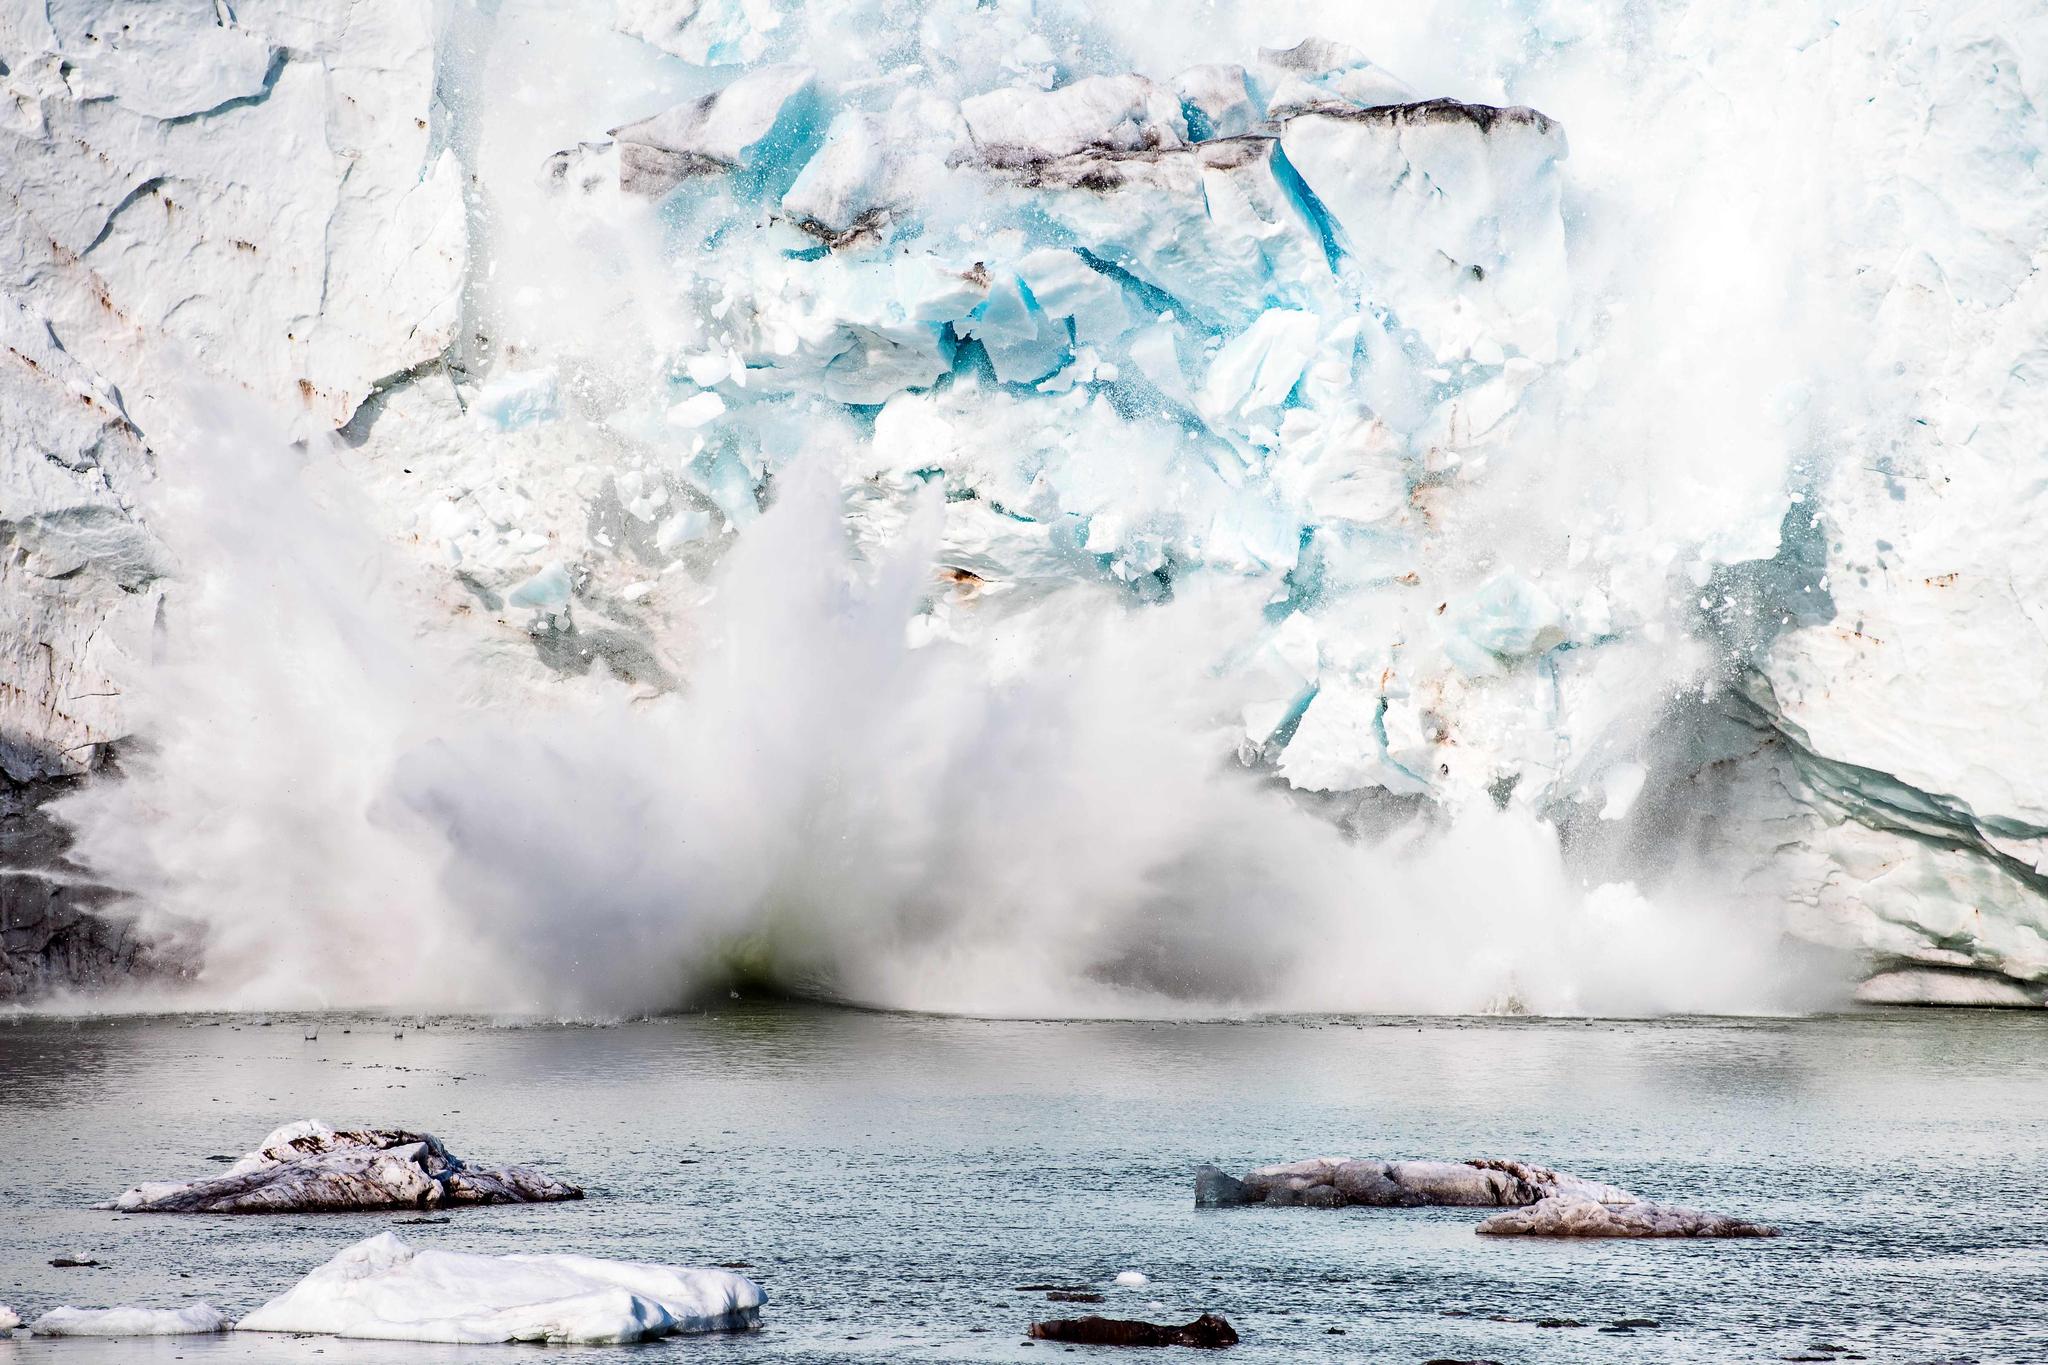 그린란드 남동부 지역에 있는 빙하 일부가 무너져 내리는 모습. AFP=연합뉴스